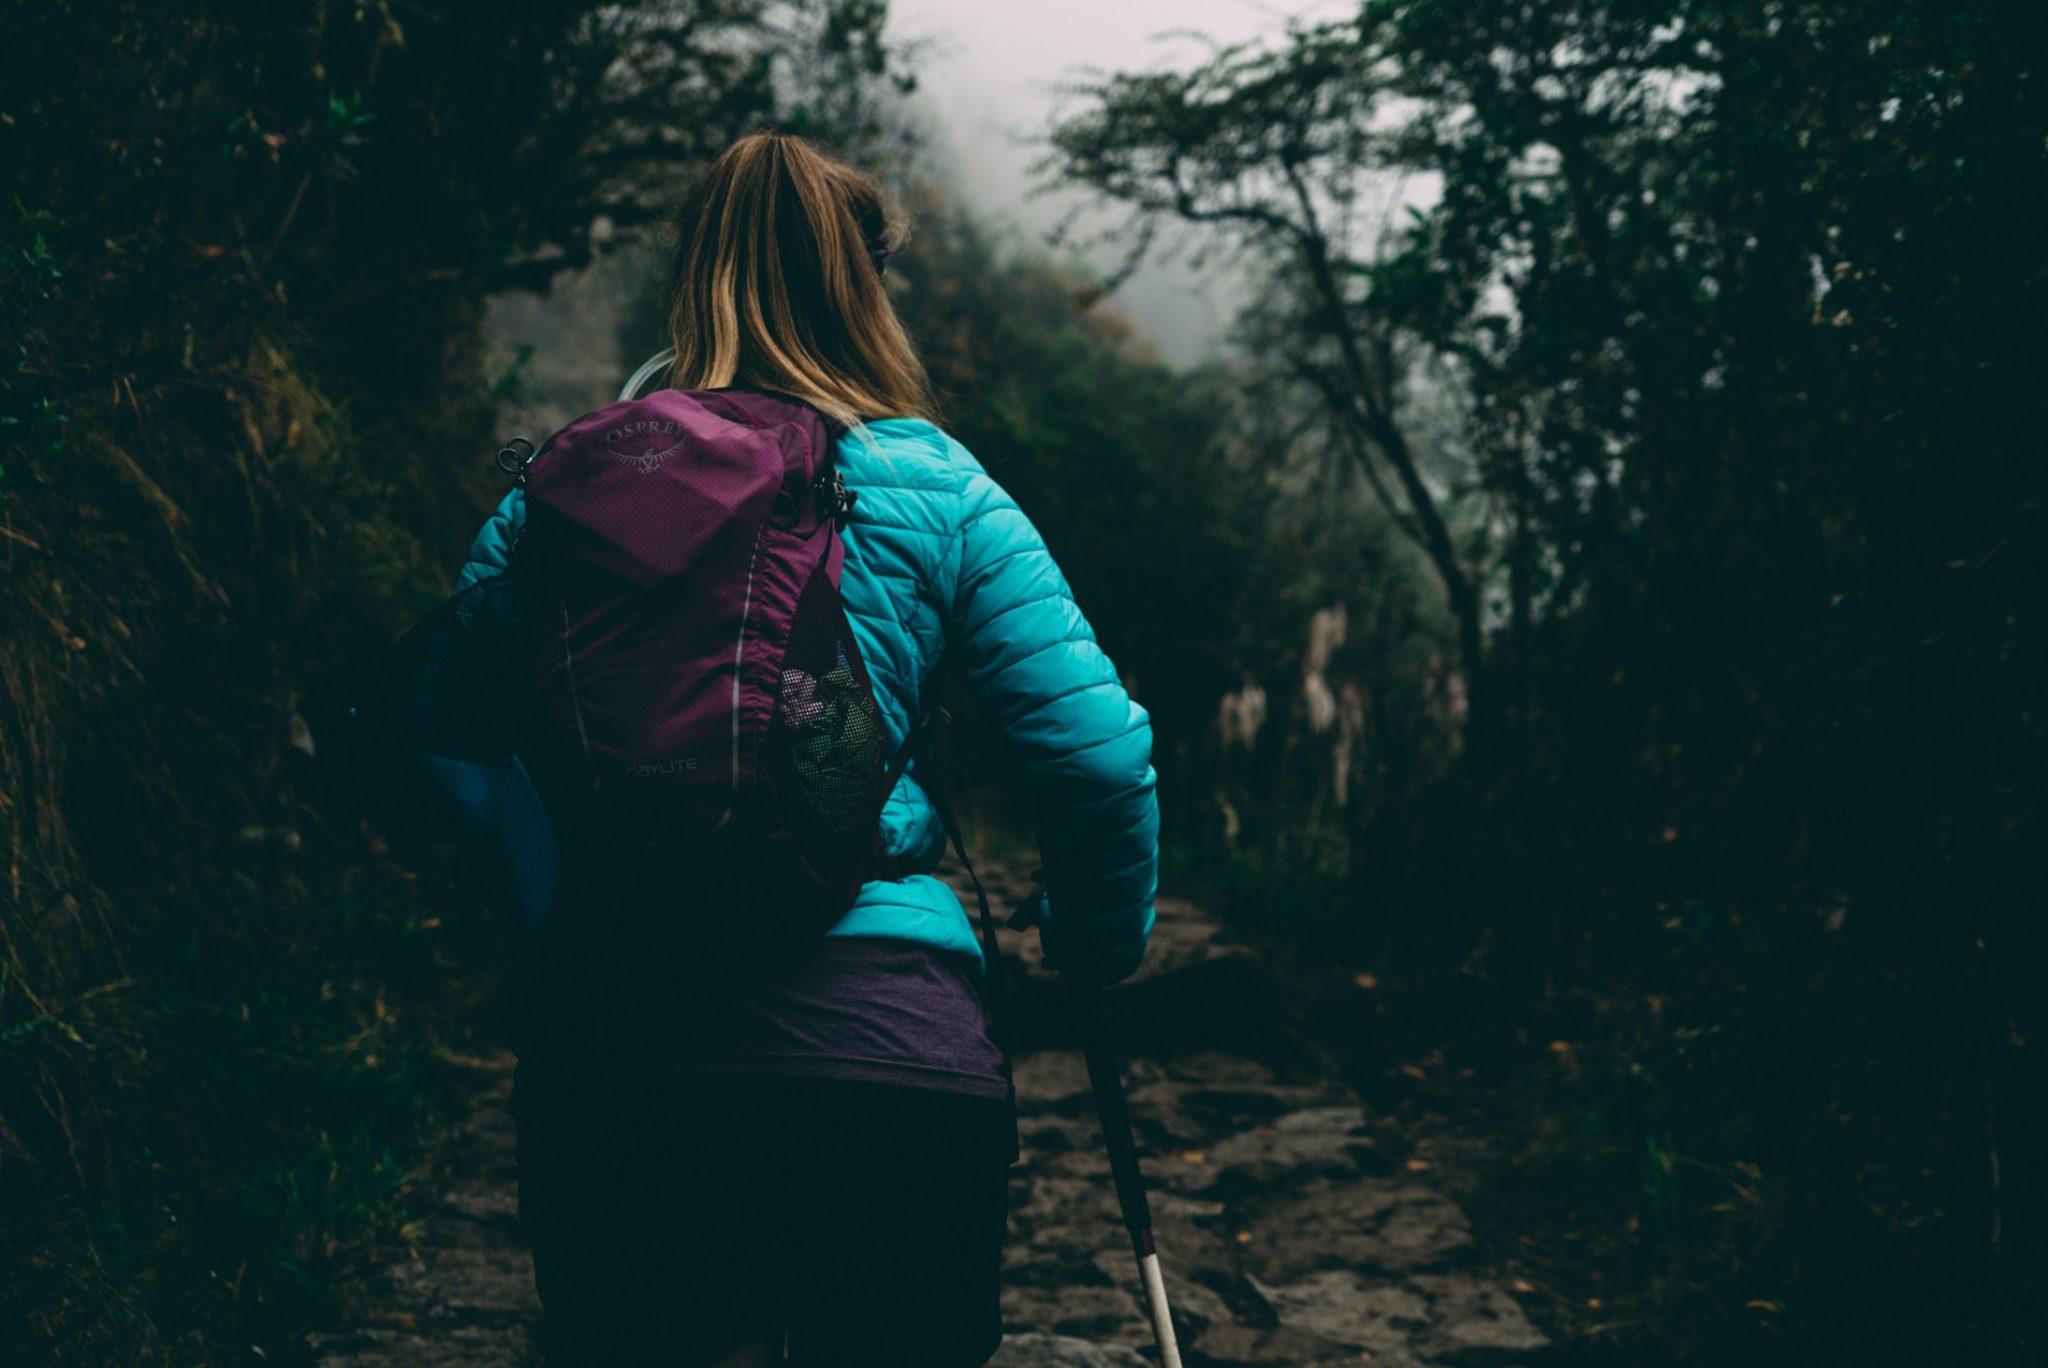 Ropa de montaña. Pantalones / Foto: Kal Loftus